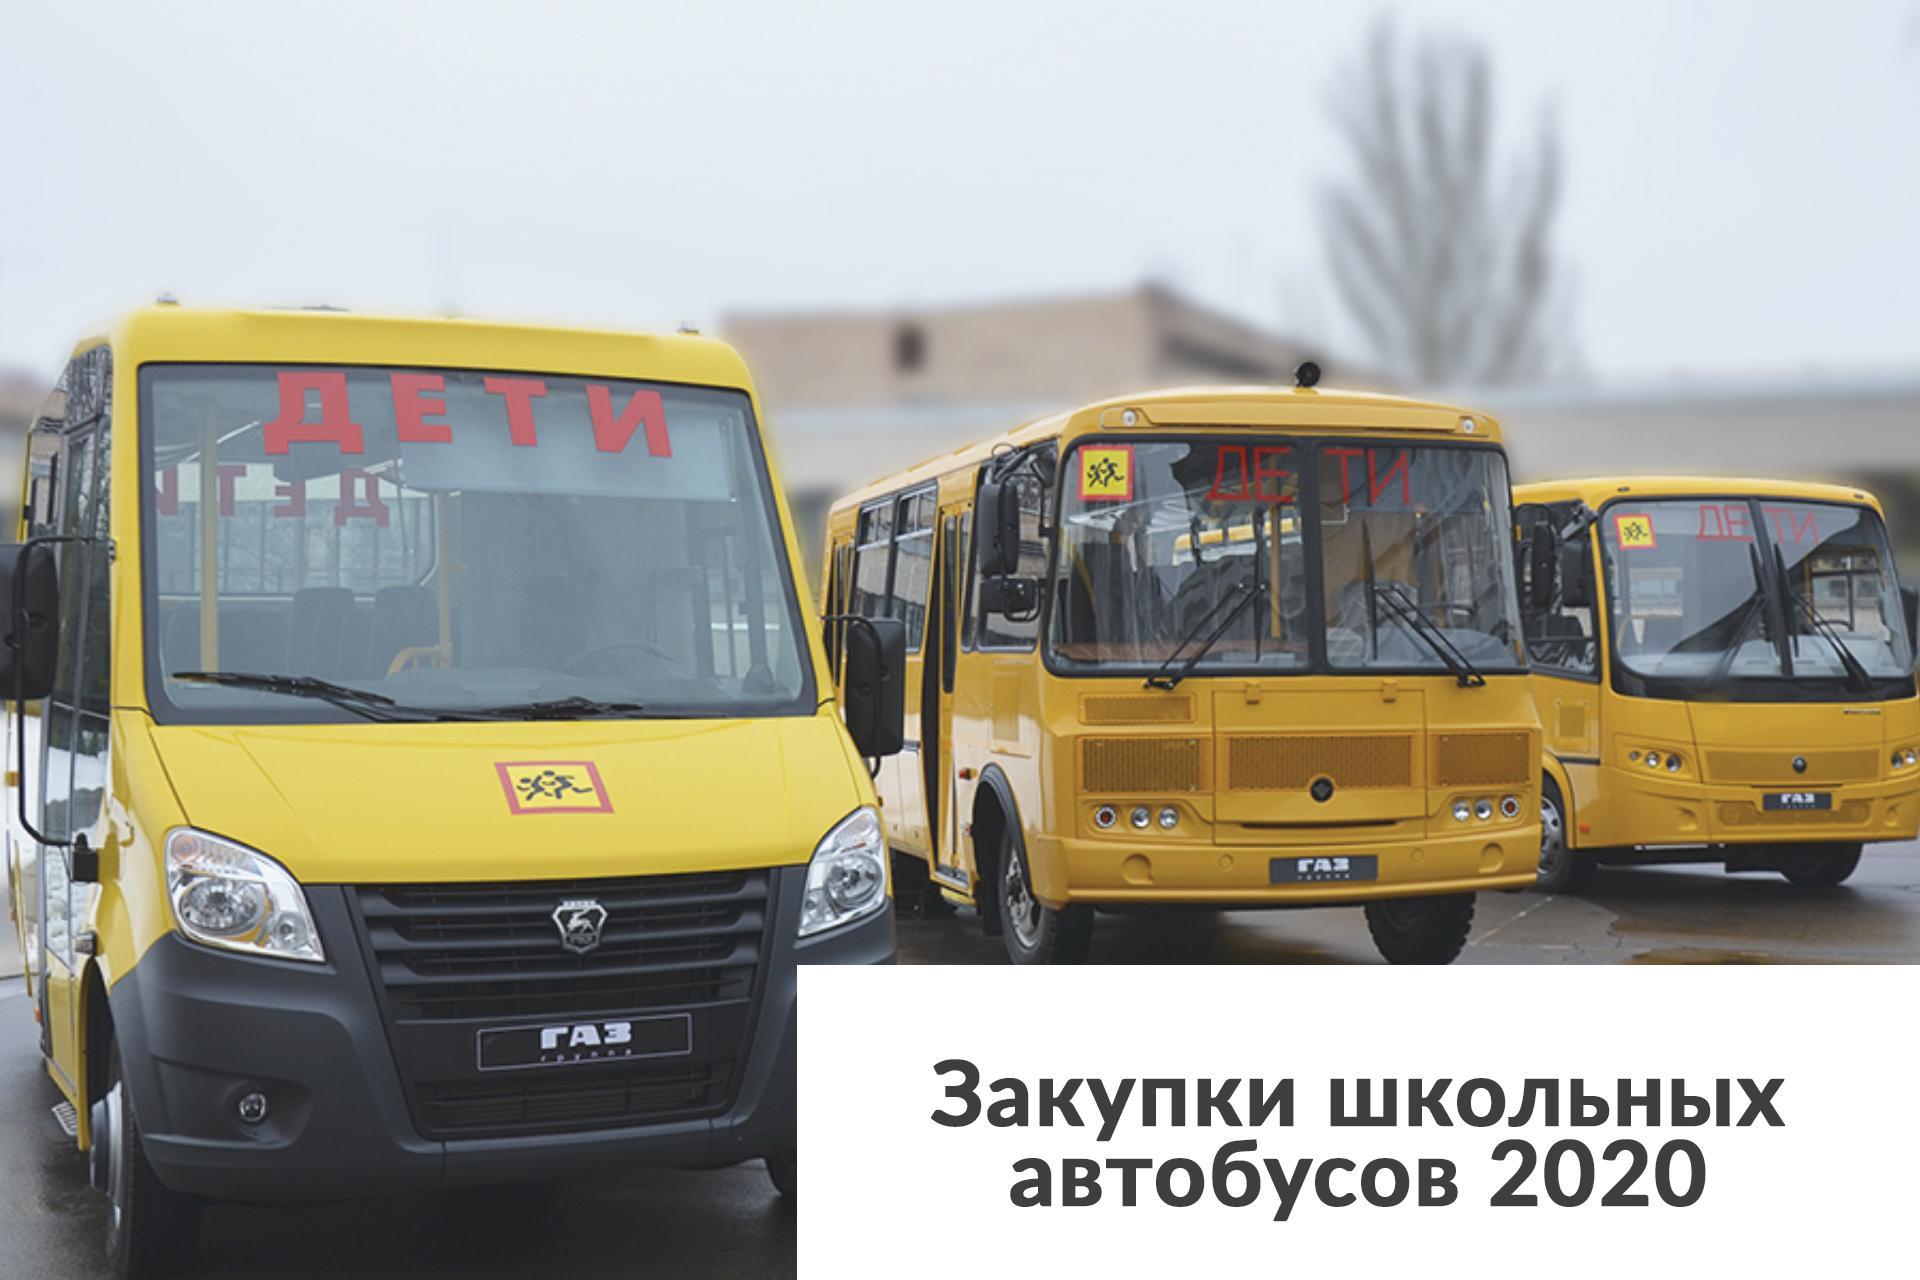 Закупки школьных автобусов 2020